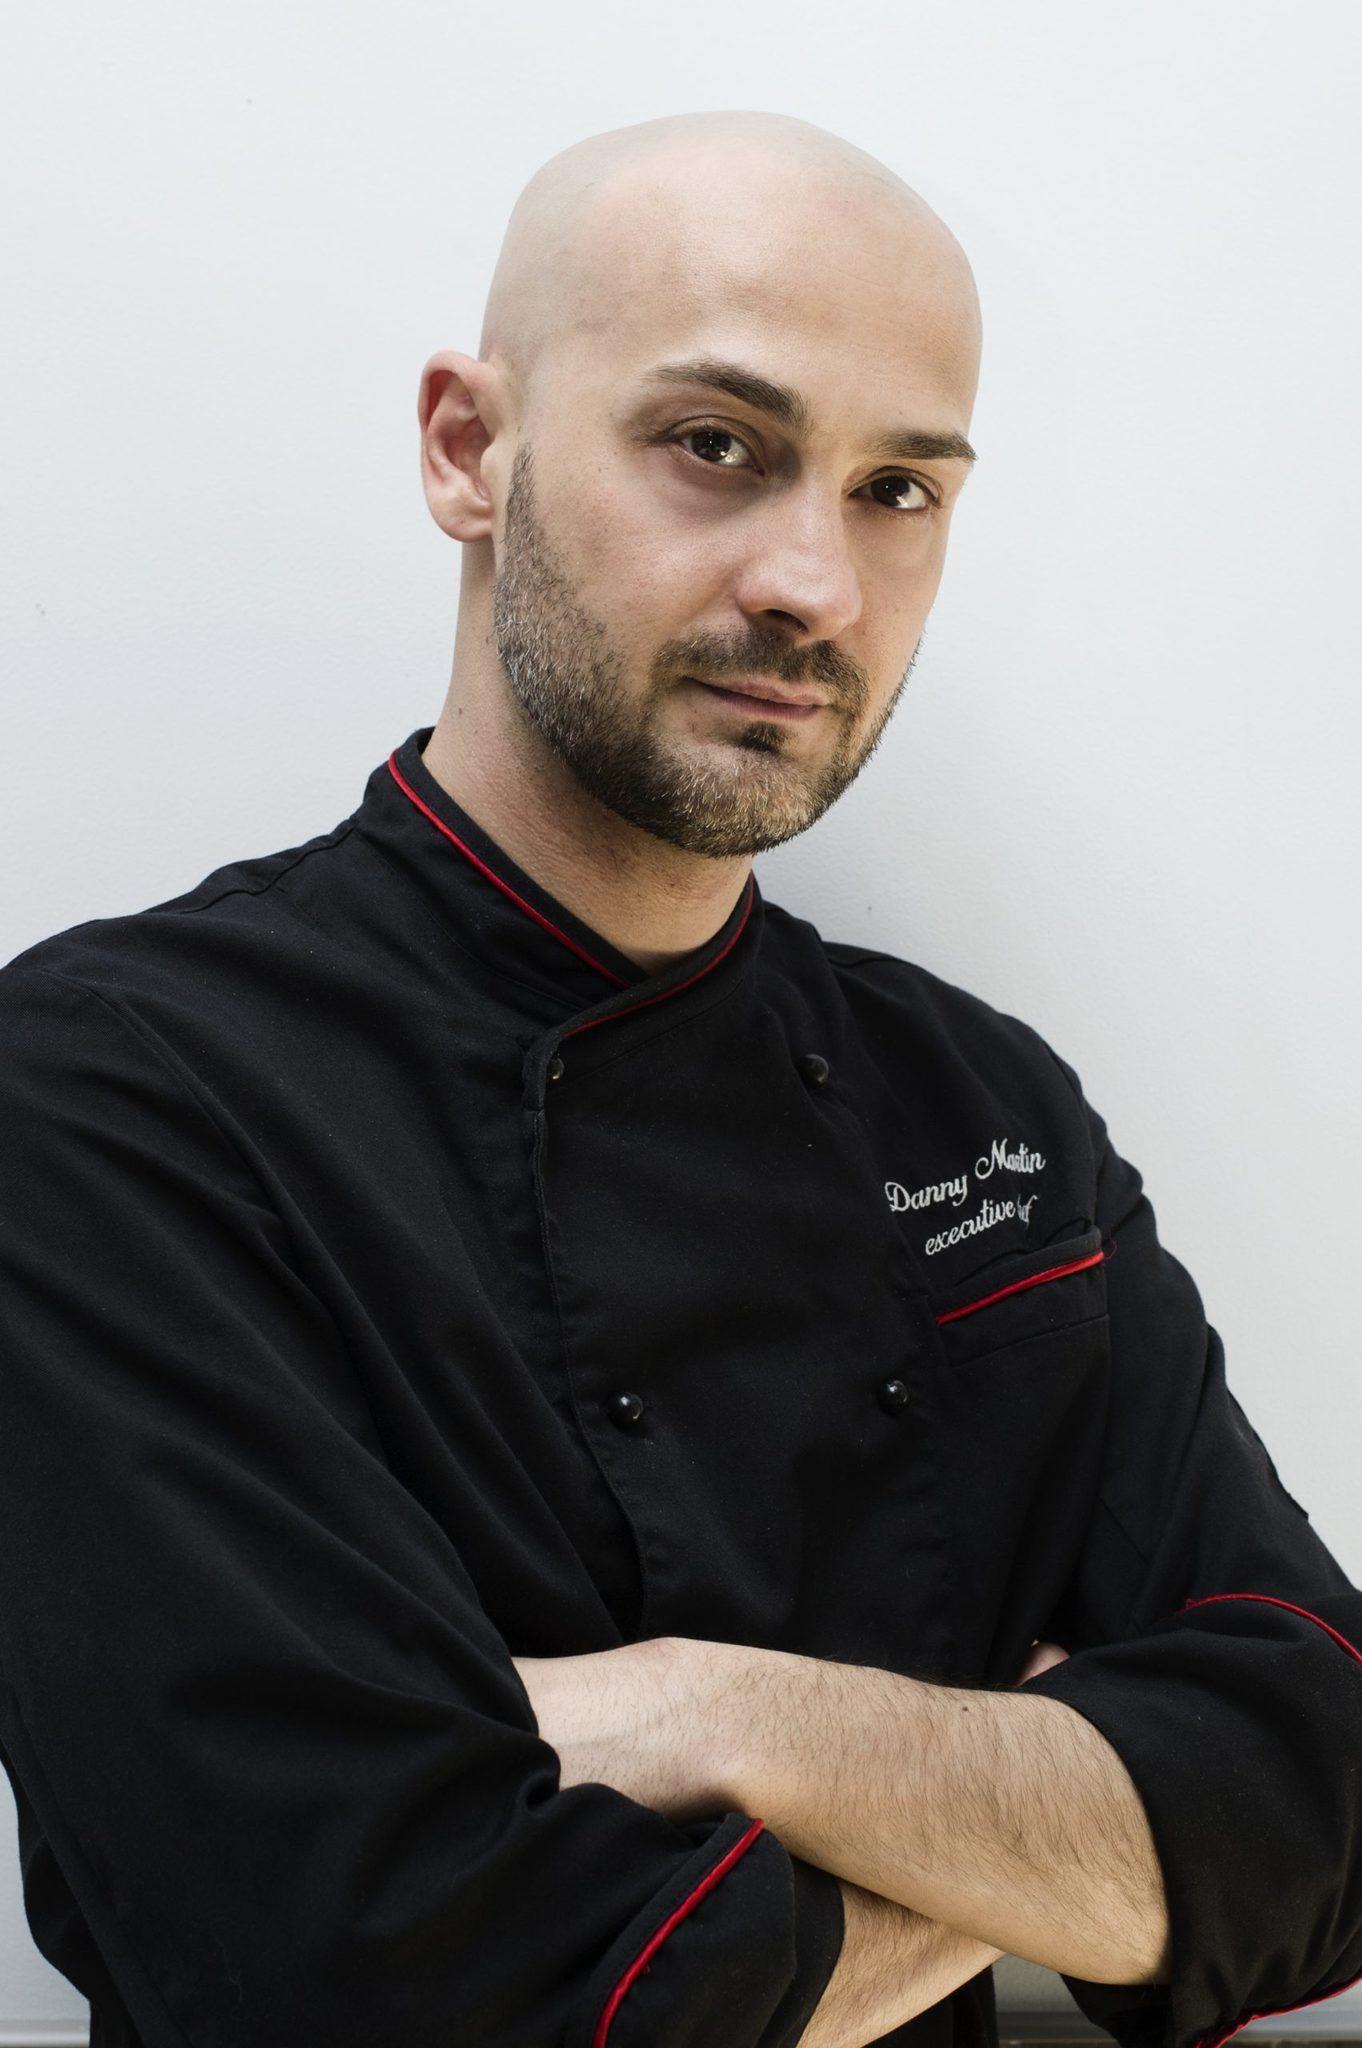 Foto Chef Danny martin